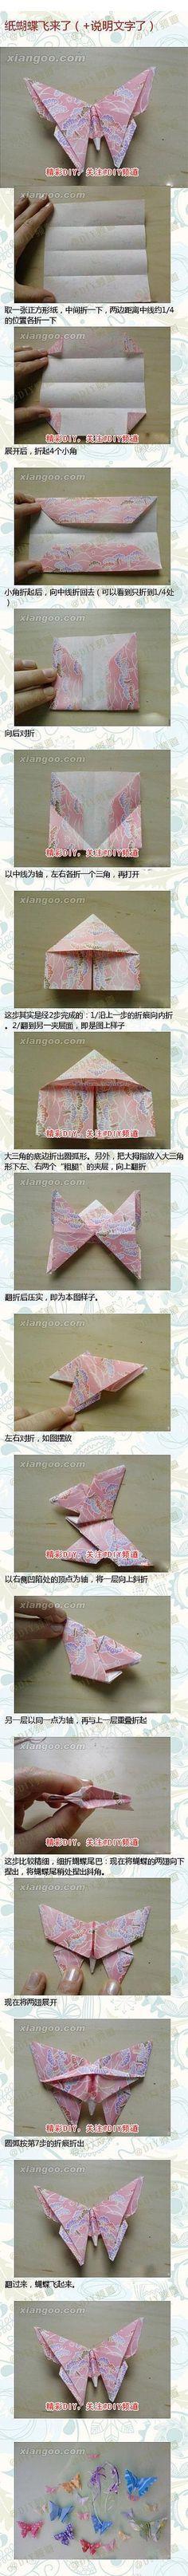 .Origami Mariposa - Elaboración Para Vacaciones